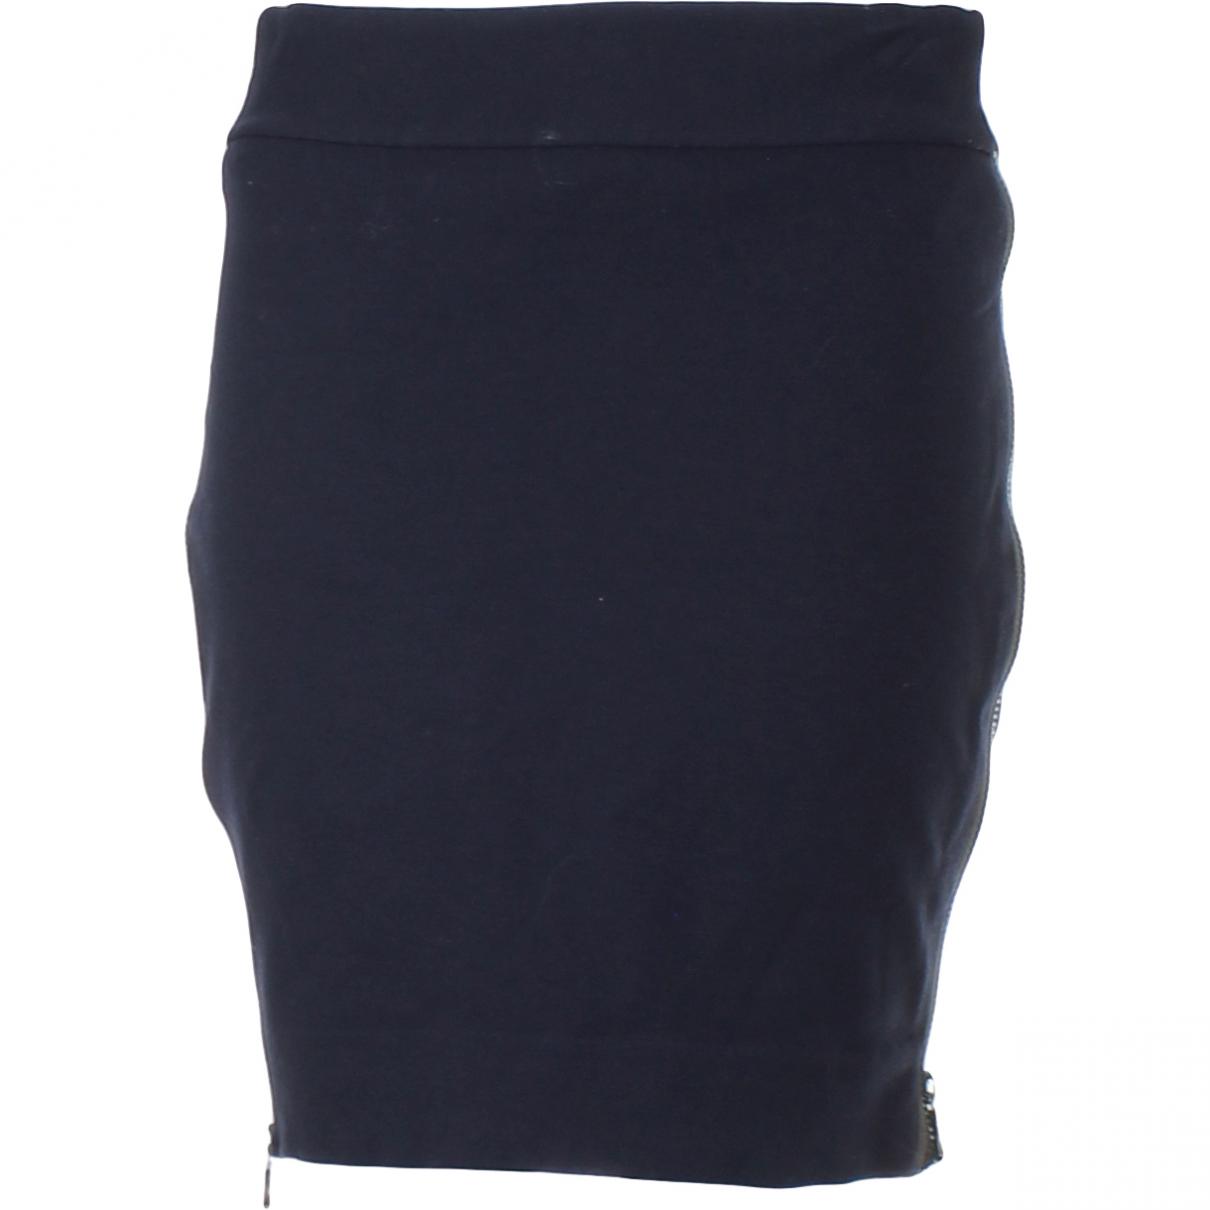 Diane Von Furstenberg \N Navy skirt for Women 0 0-5